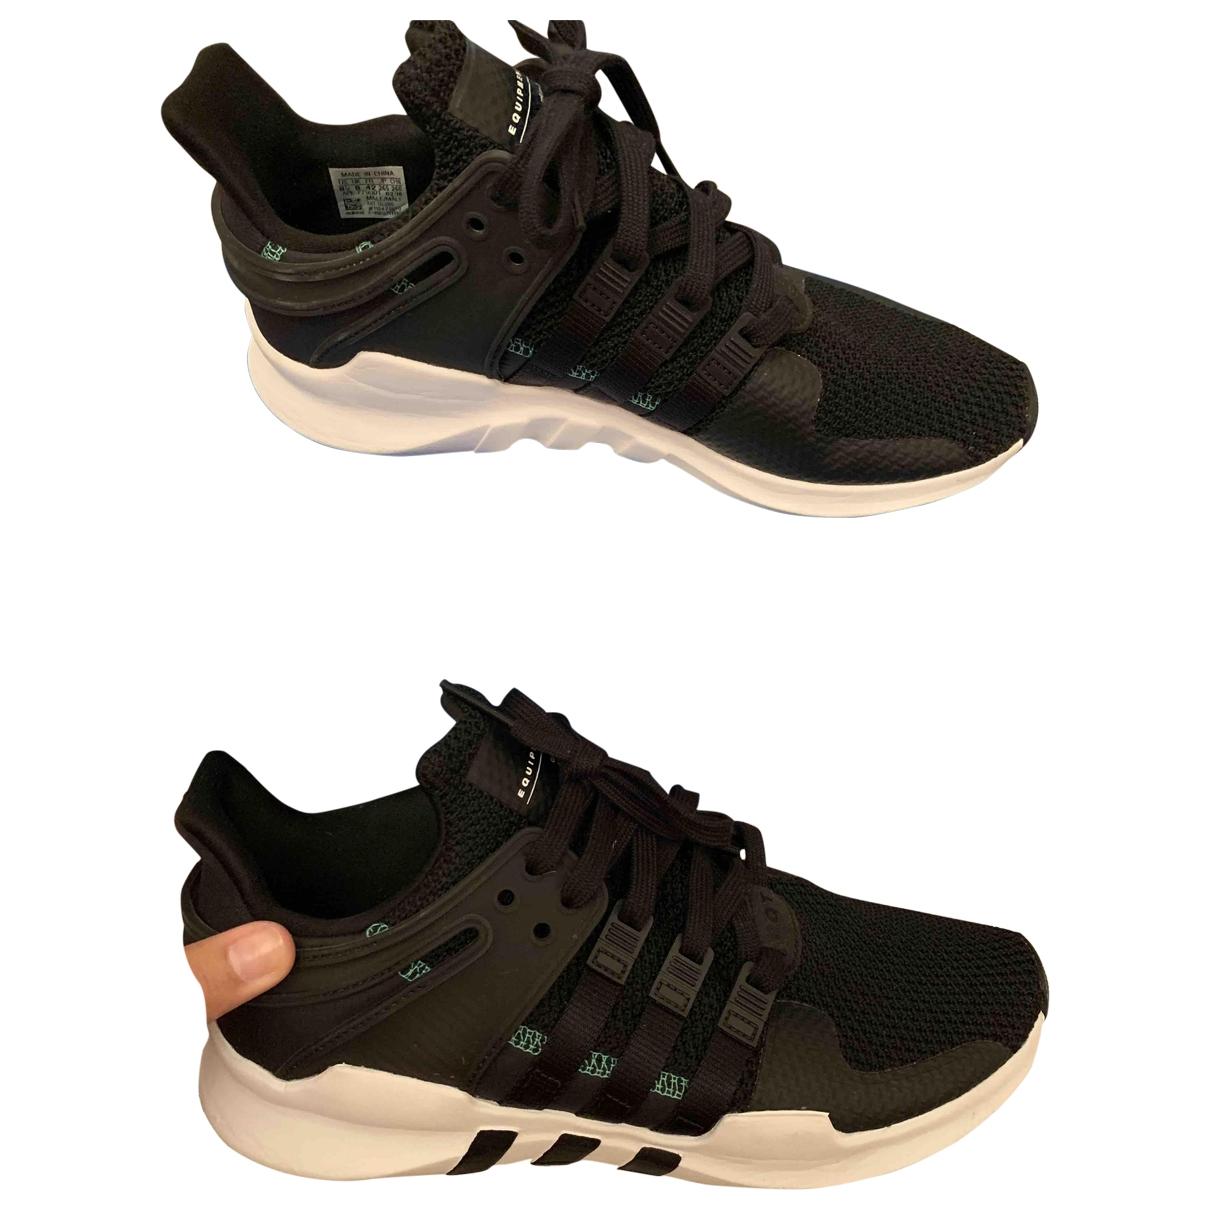 Adidas EQT Support Black Cloth Trainers for Men 42 EU